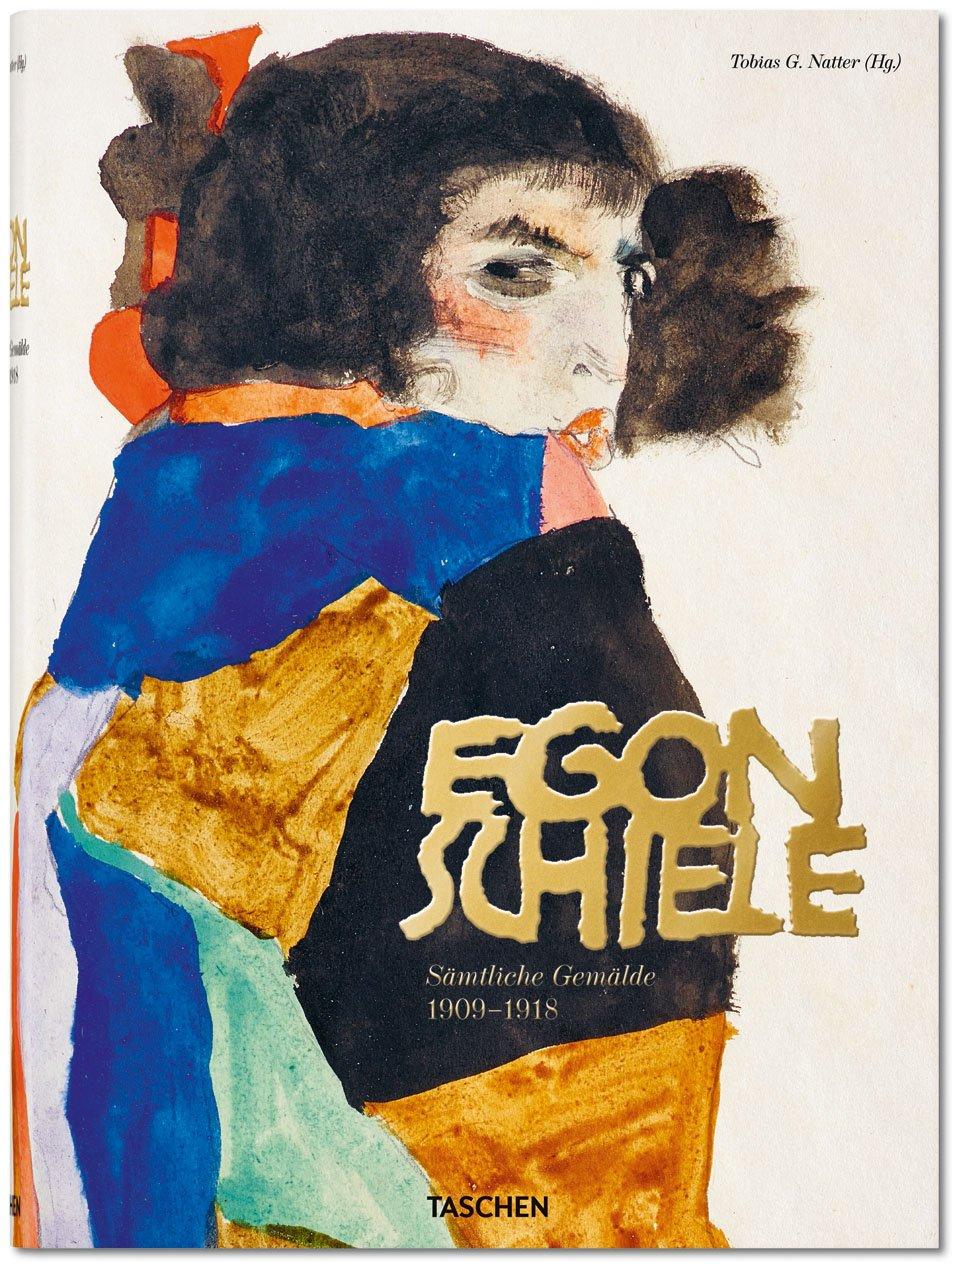 Egon Schiele. Sämtliche Gemälde 1909-1918 | Tobias G. Natter | Hardcover with, 29 x 39,5 cm, 608 Seiten